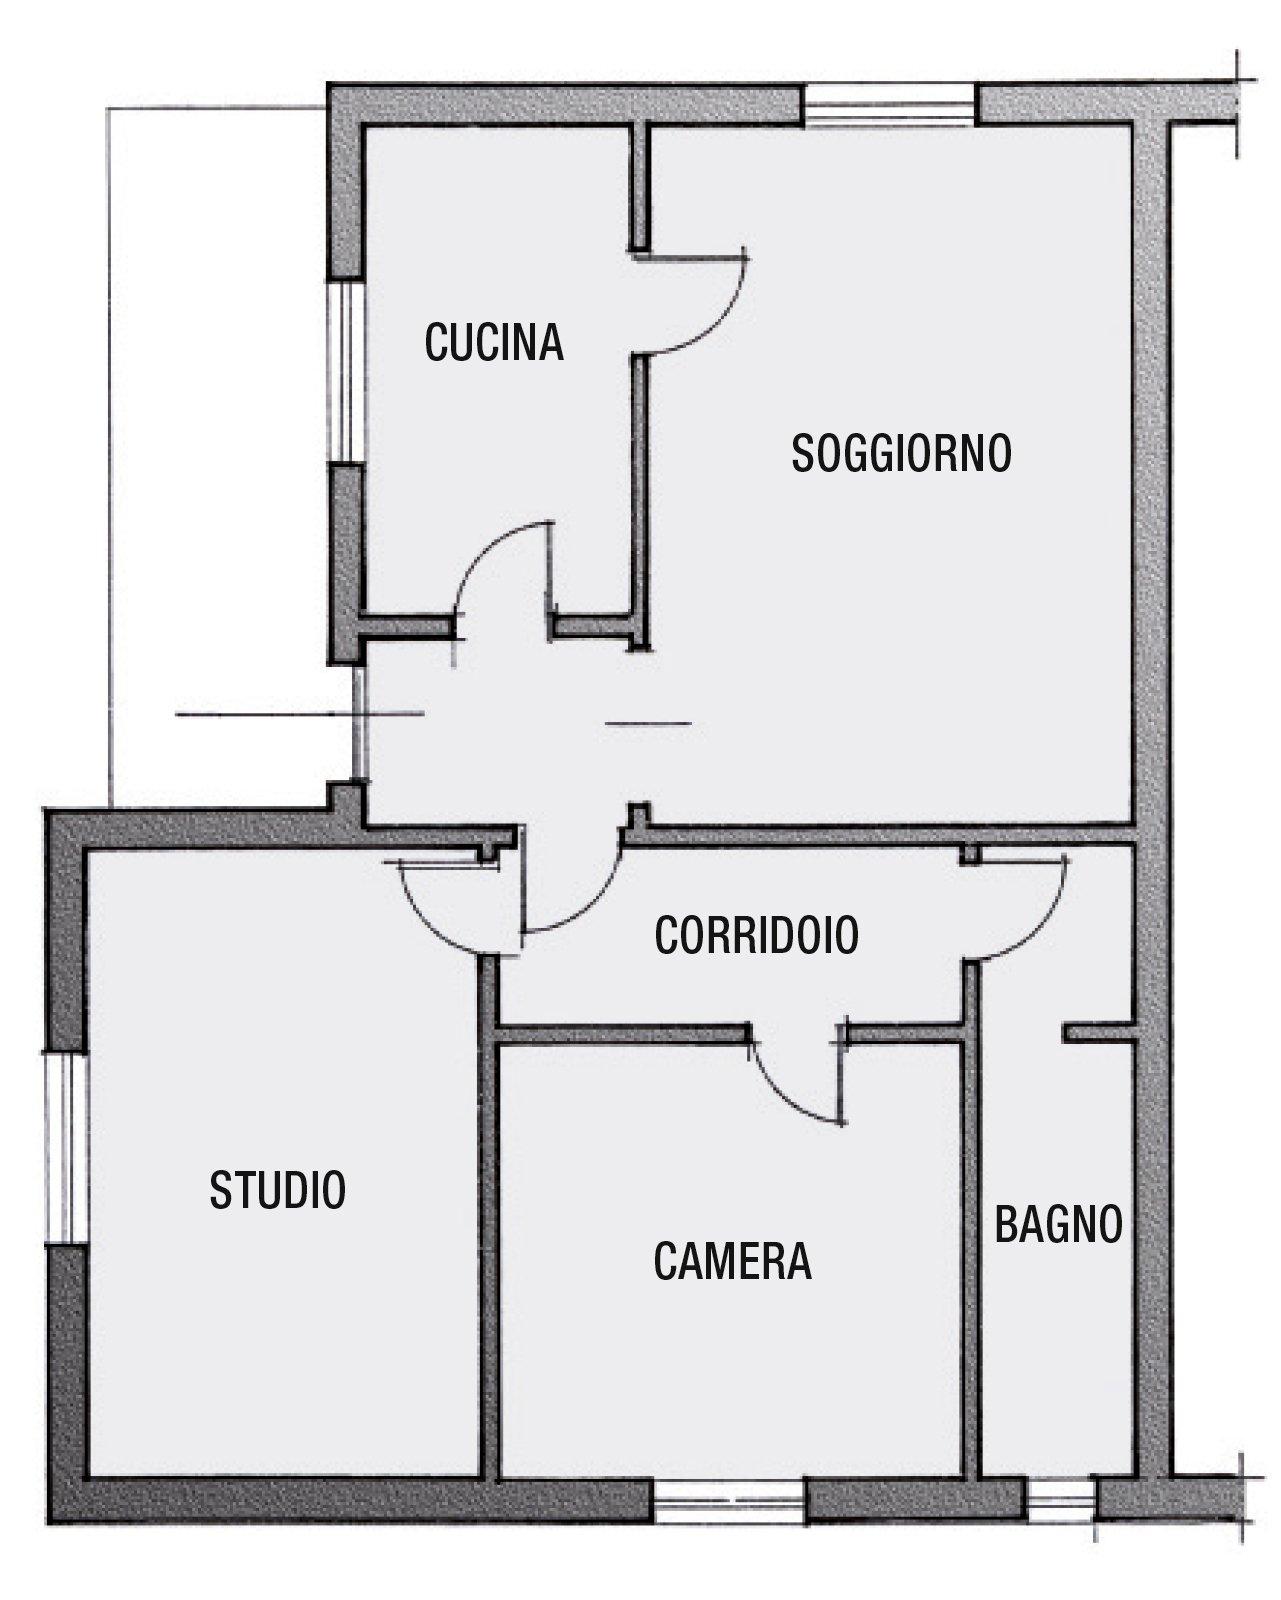 Secondo bagno a uso esclusivo della camera cose di casa - Disegnare piantina casa ...